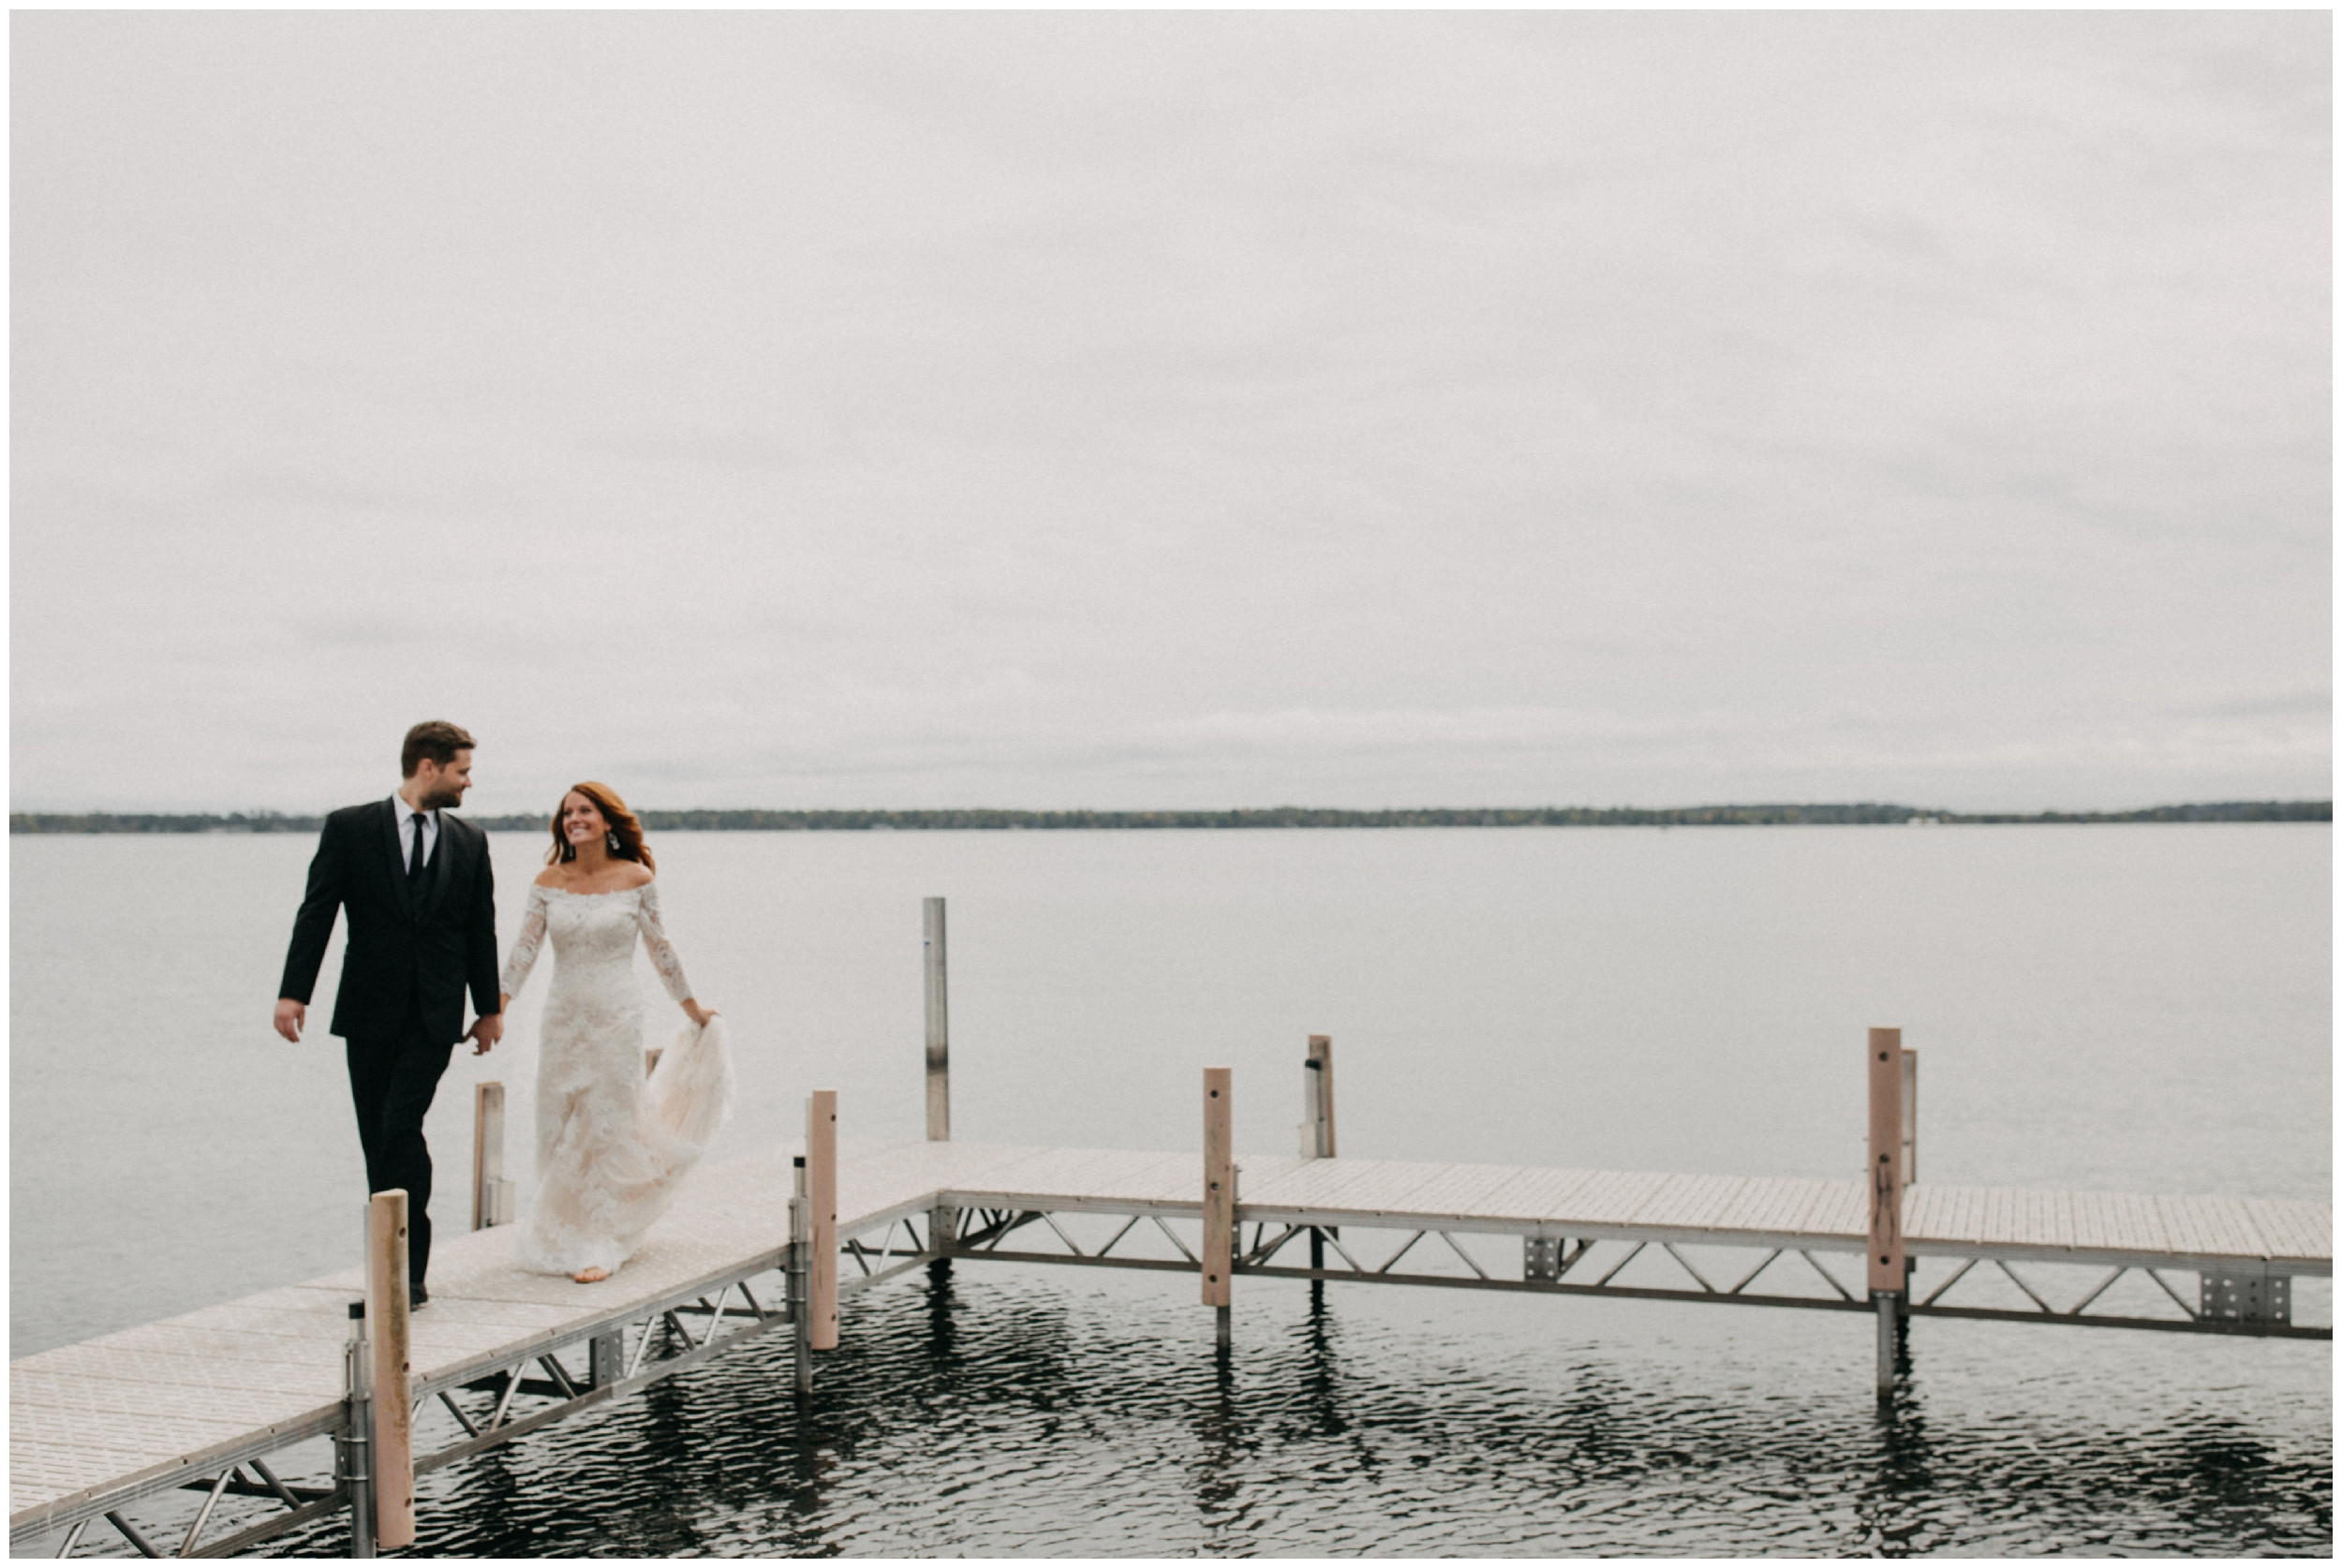 Lakeside wedding at Cabin on Gull Lake